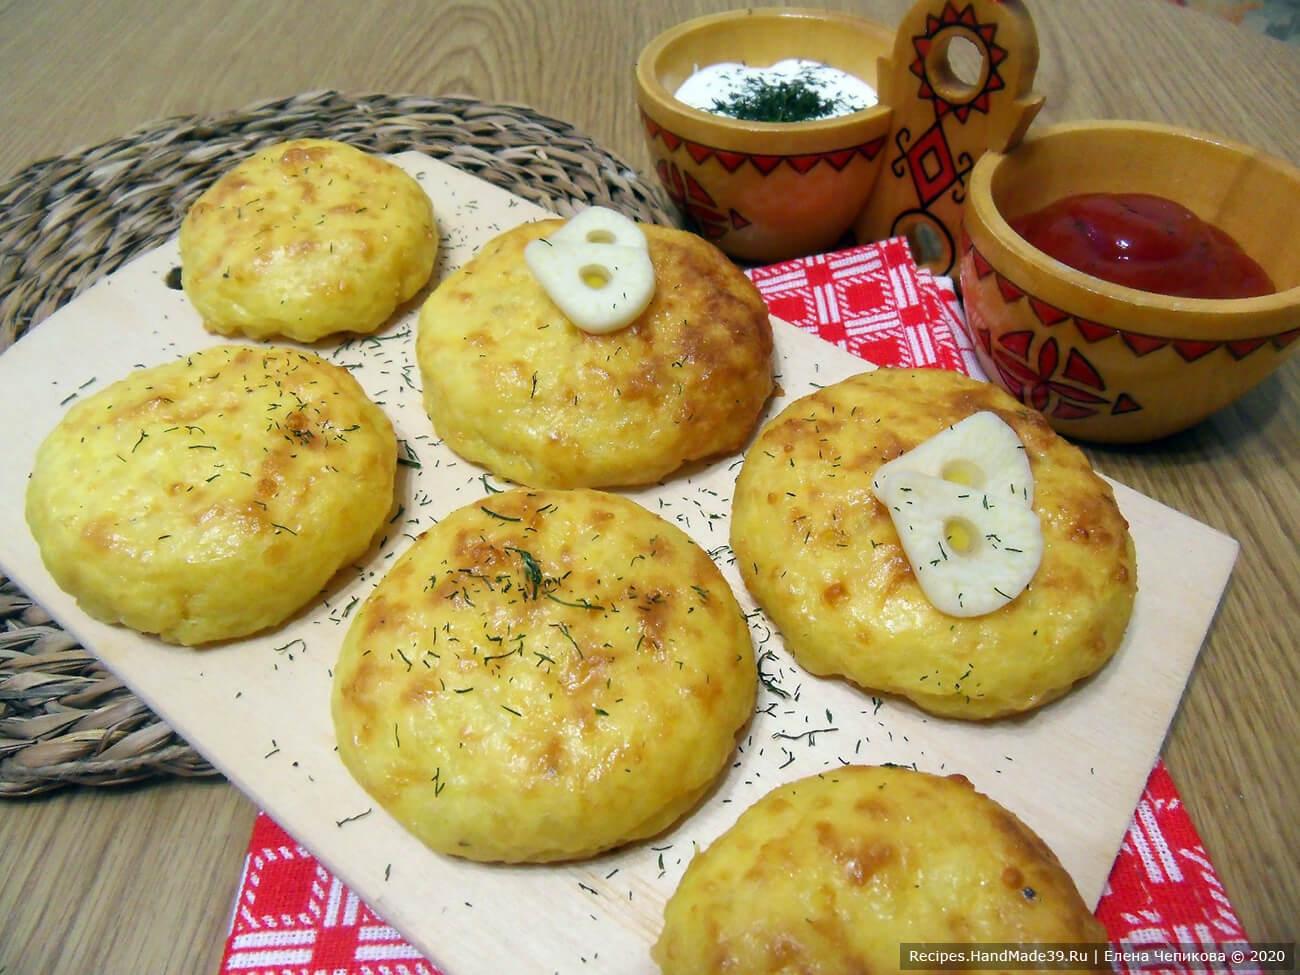 Оладьи из картофельного пюре с сыром, запечённые в духовке – пошаговый рецепт с фото